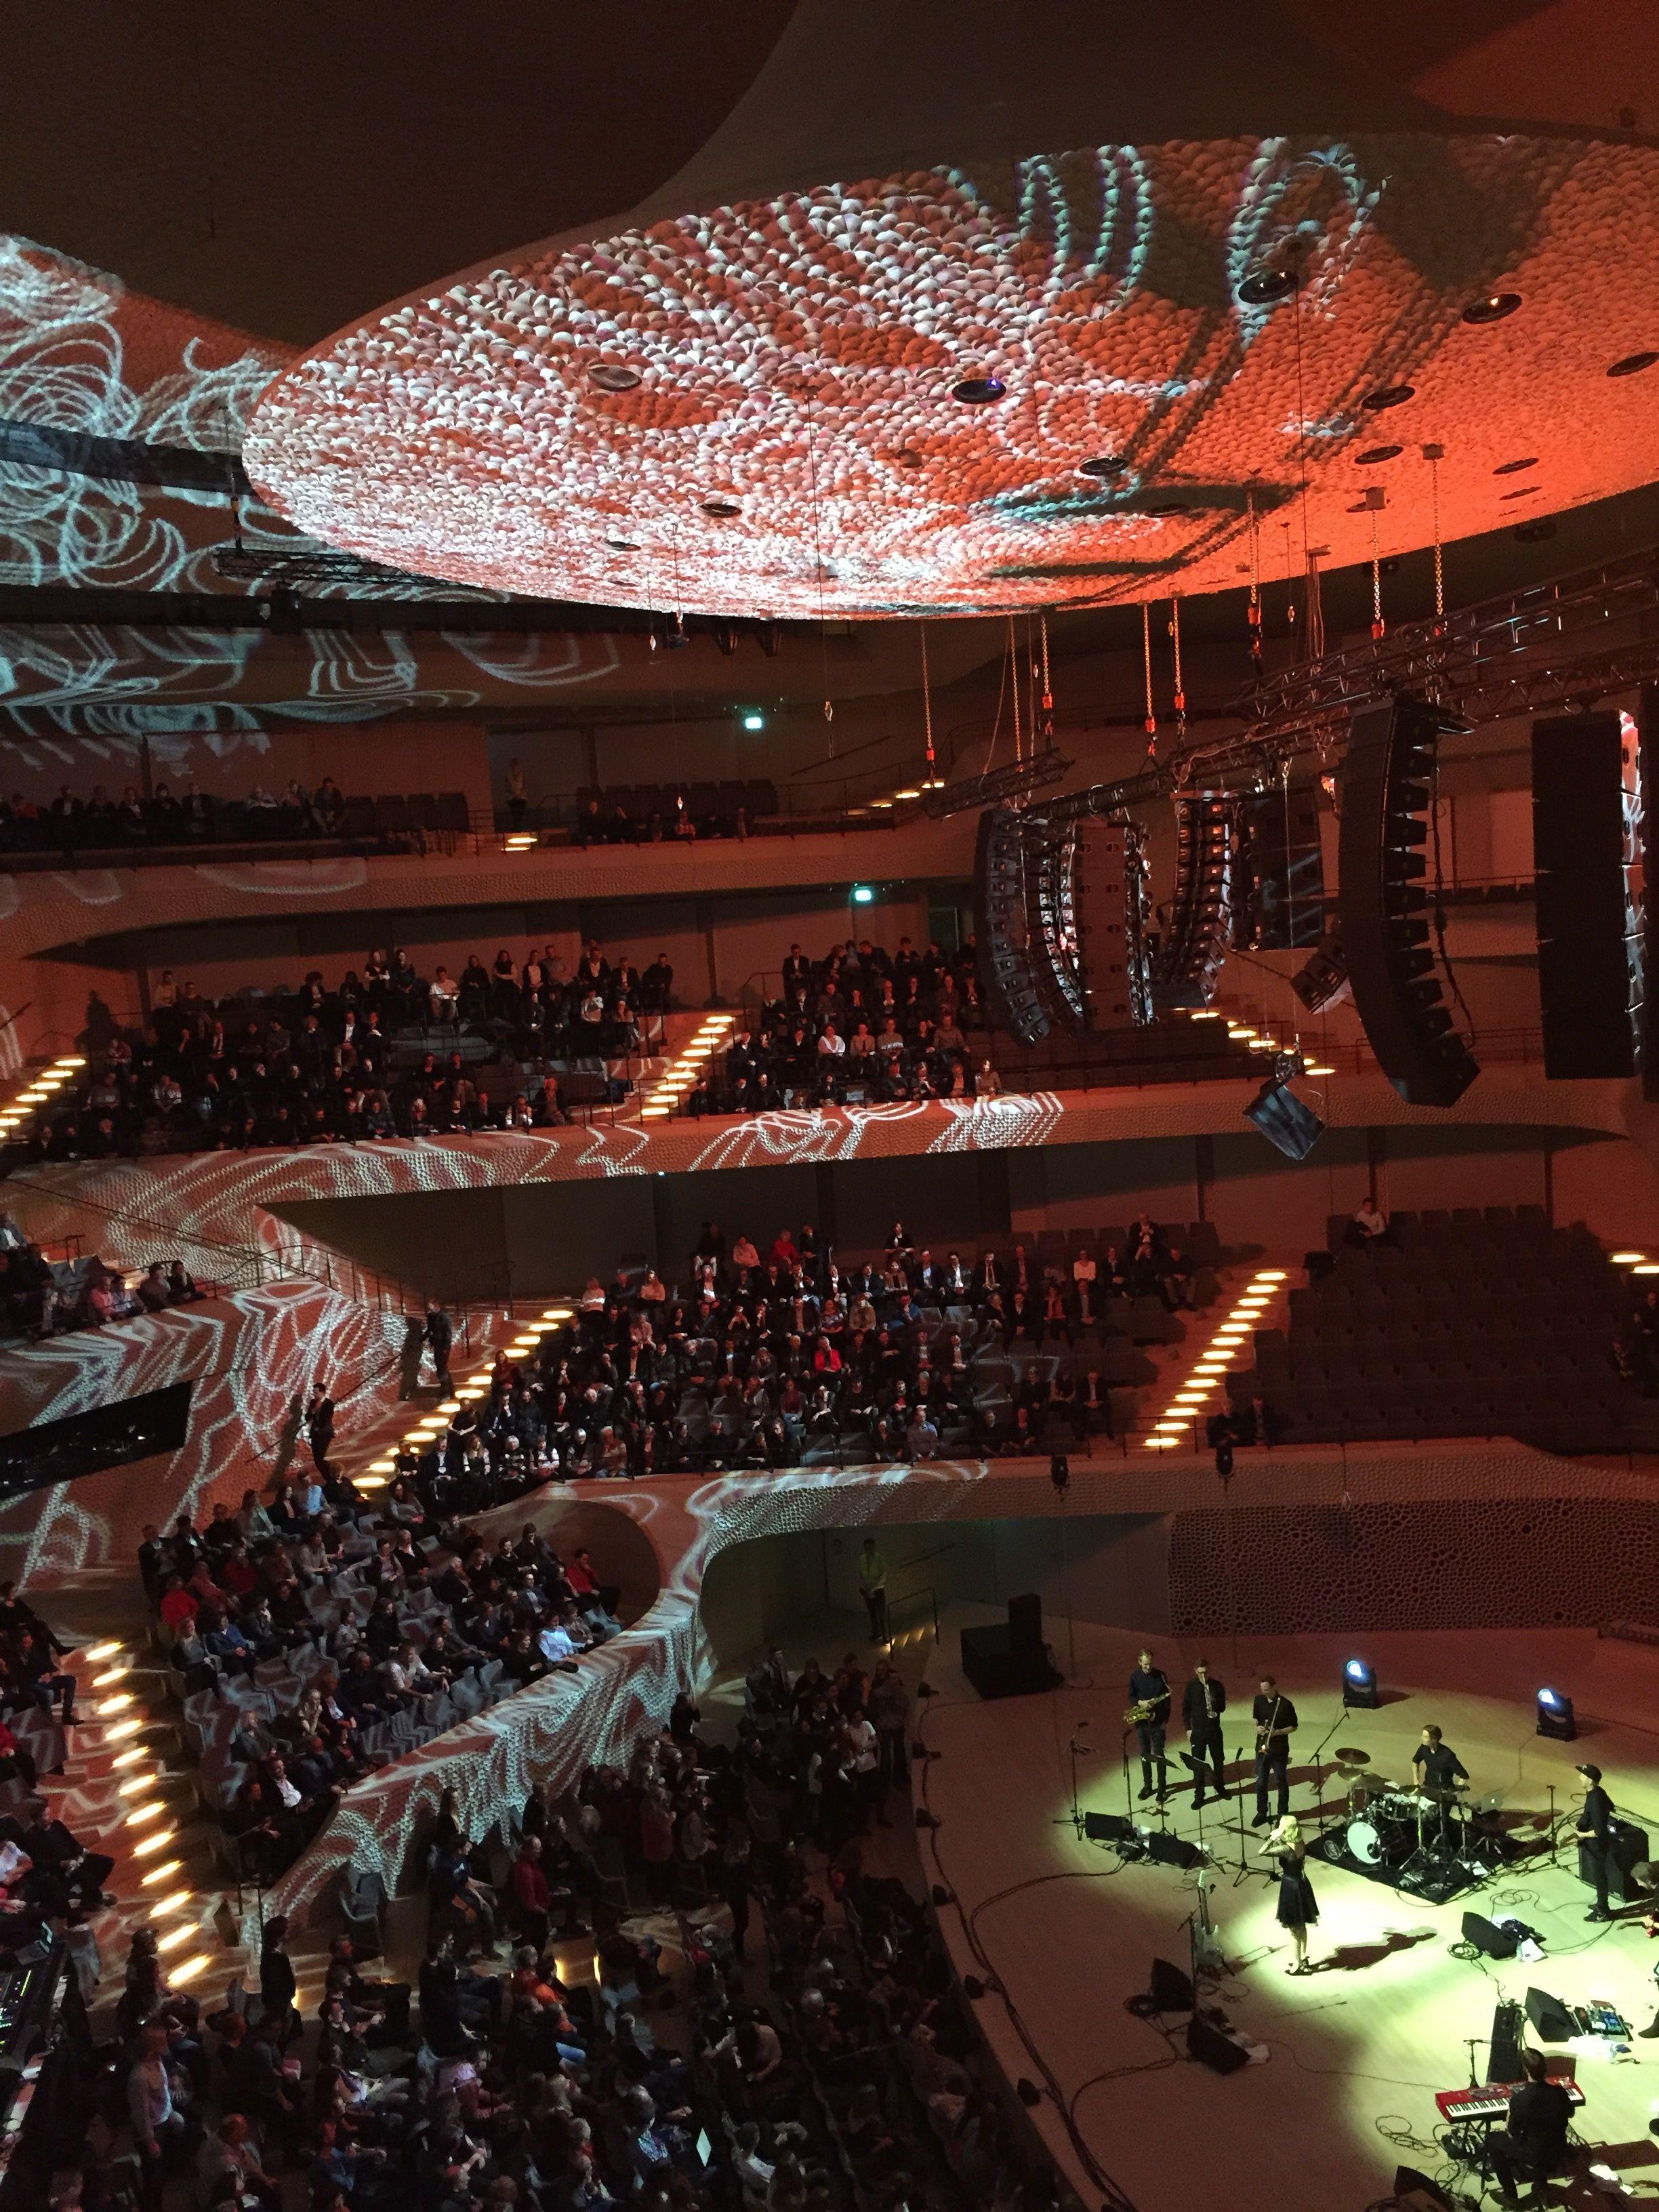 Spektakulare Lichtshow In Der Elbphilharmonie Hamburg Germany Elphi Hafencity Hamburg Hafen City Schone Stadte Deutschland